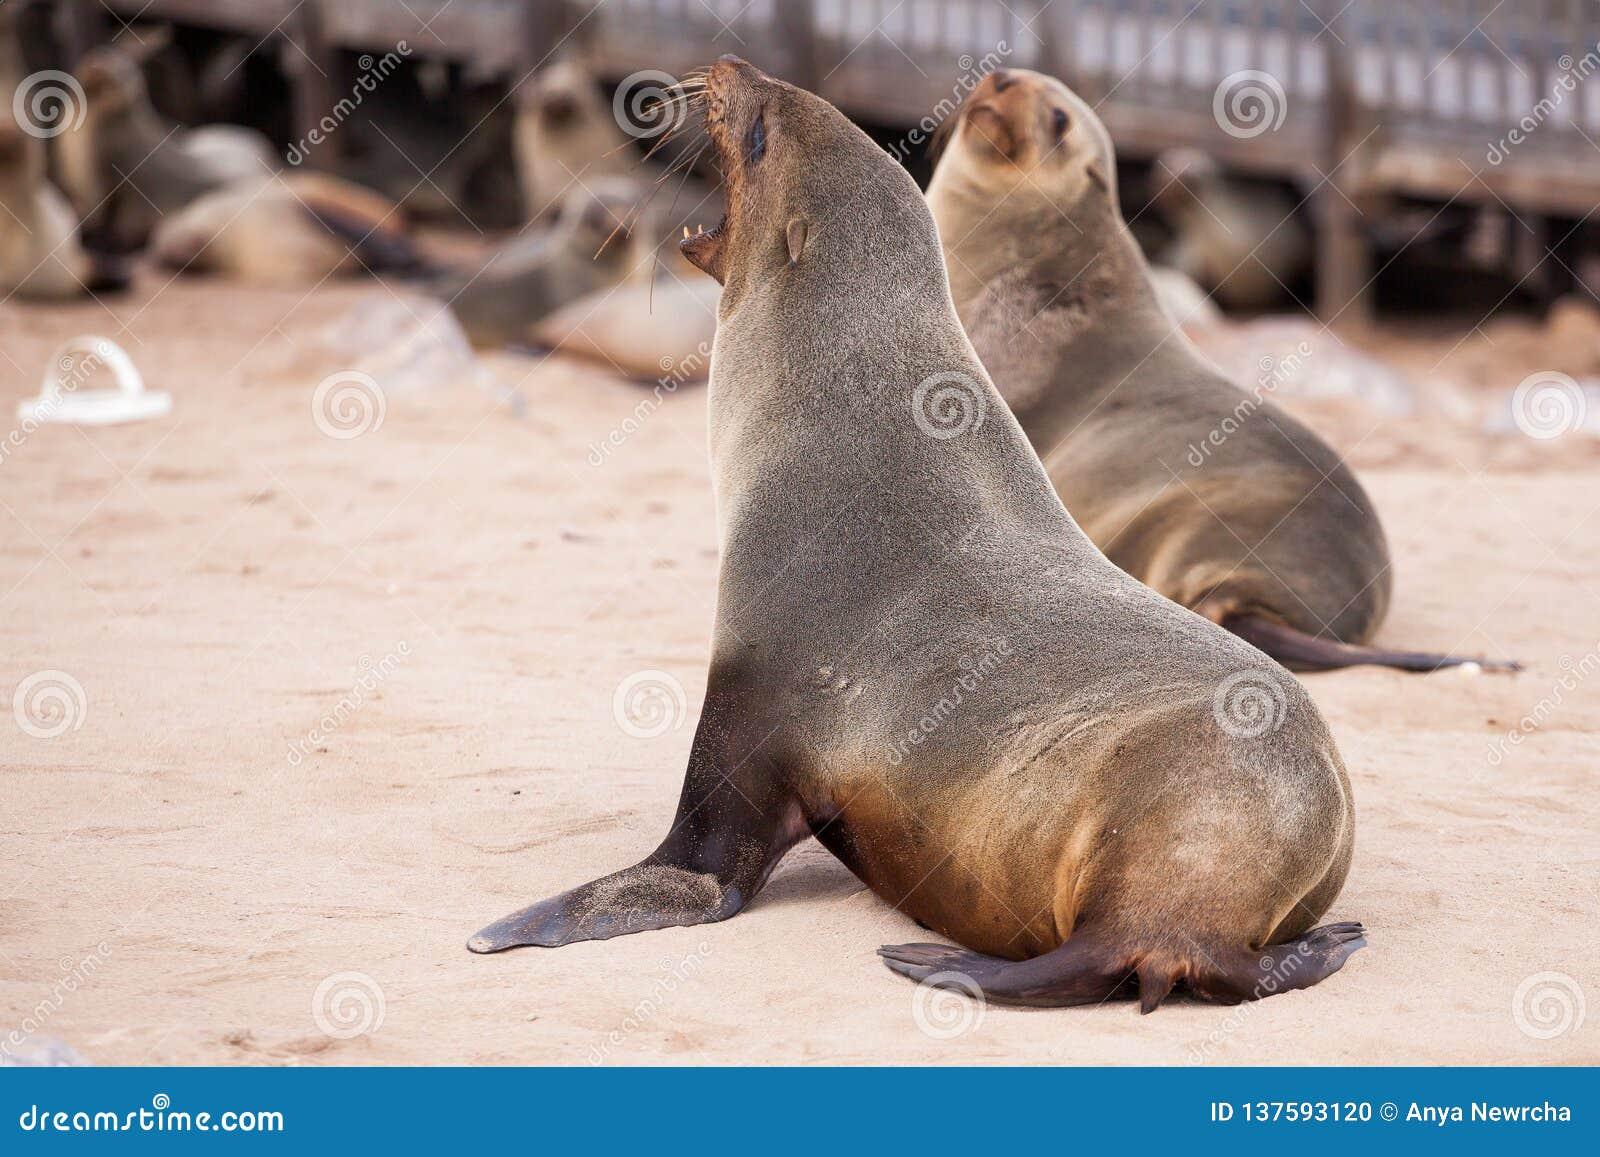 Zeeleeuwenverbindingen, Otariinae met jongen